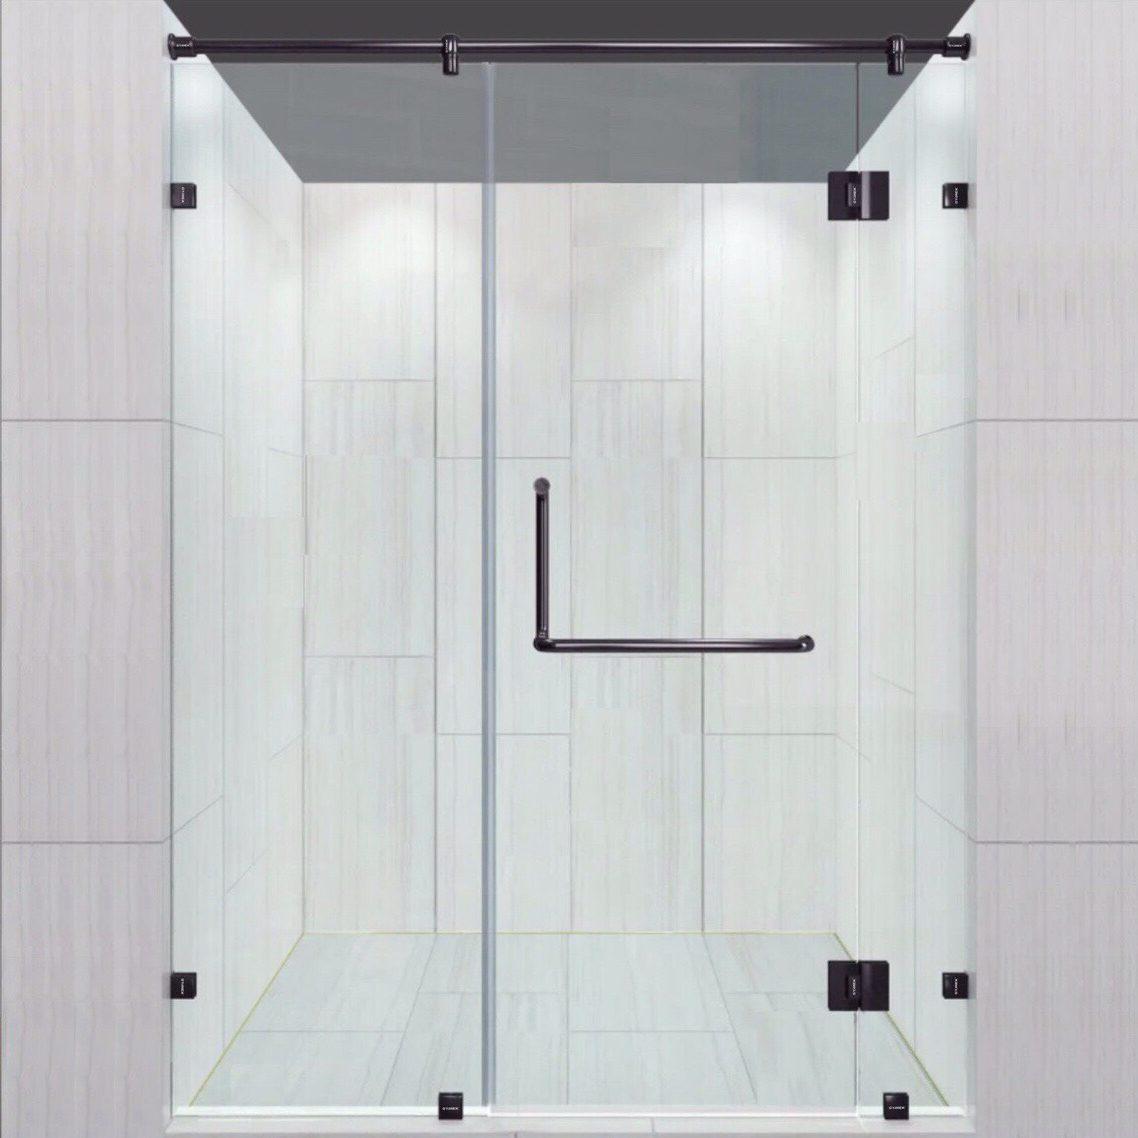 Bộ phụ kiện phòng tắm kính 180 độ VVP màu đen